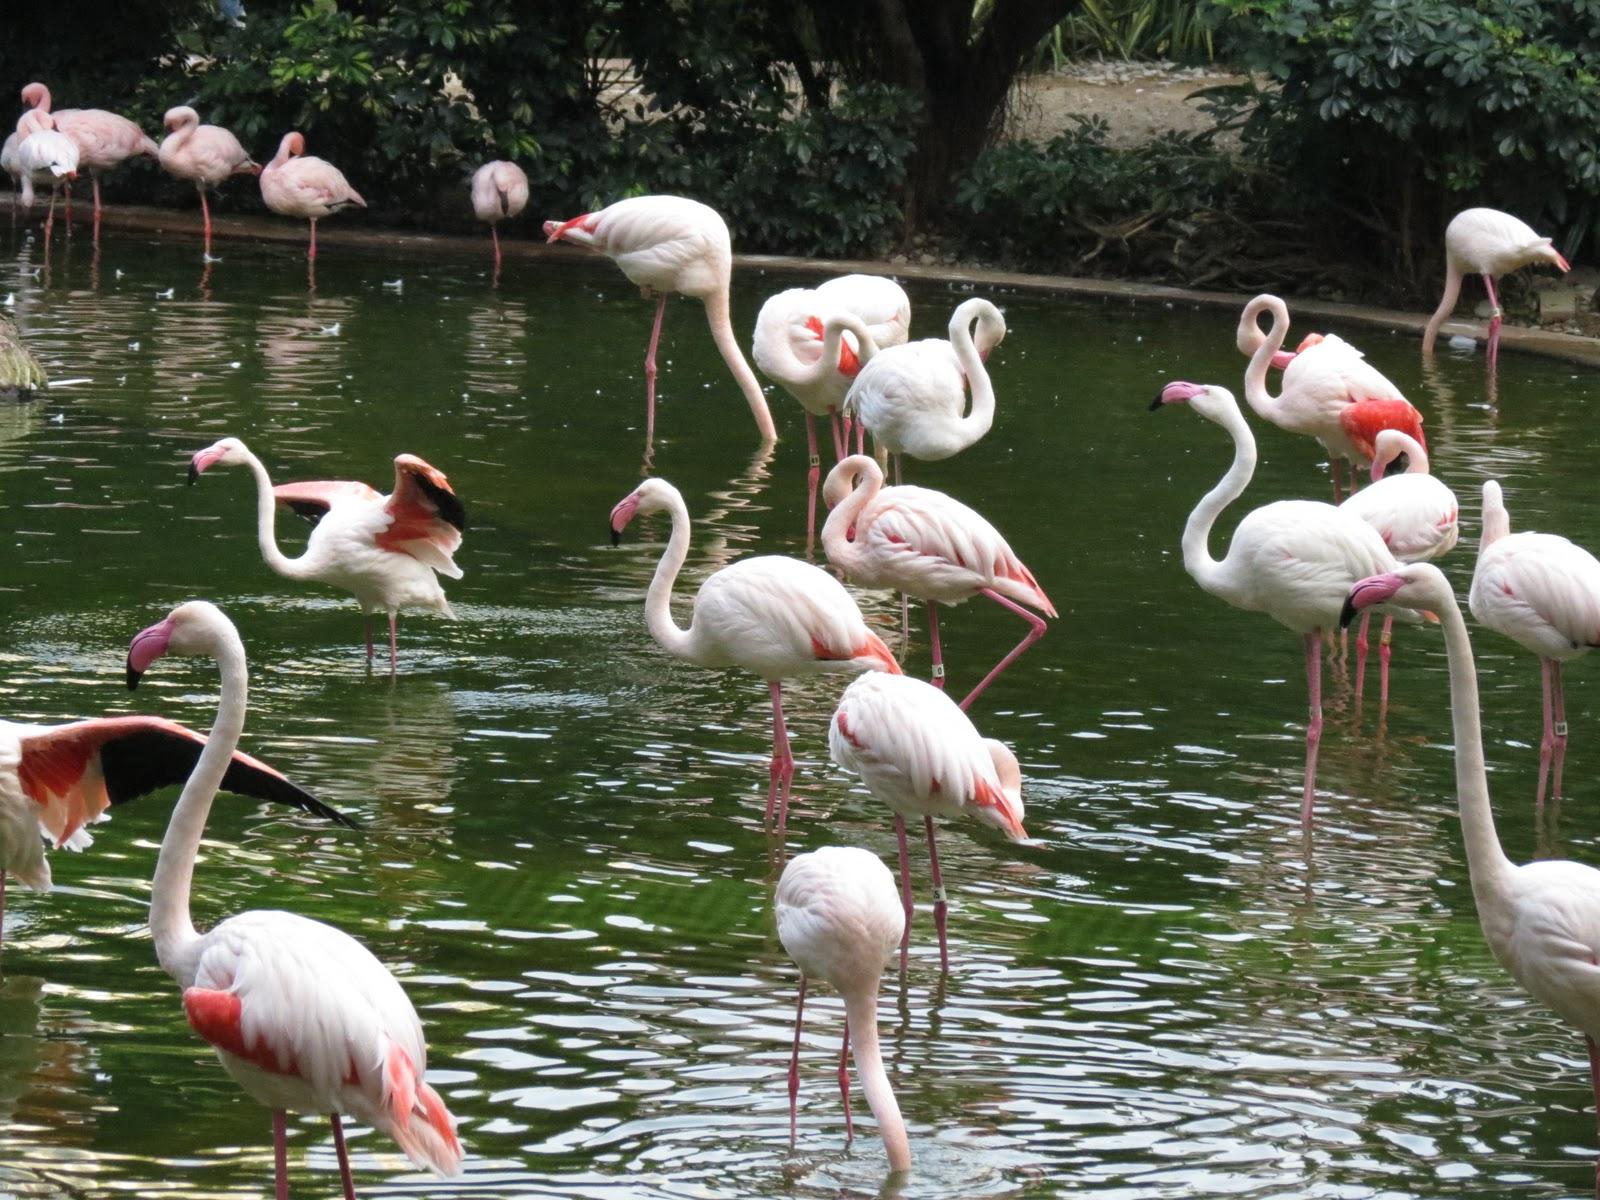 外國月亮: 九龍公園鳥湖的紅鸛